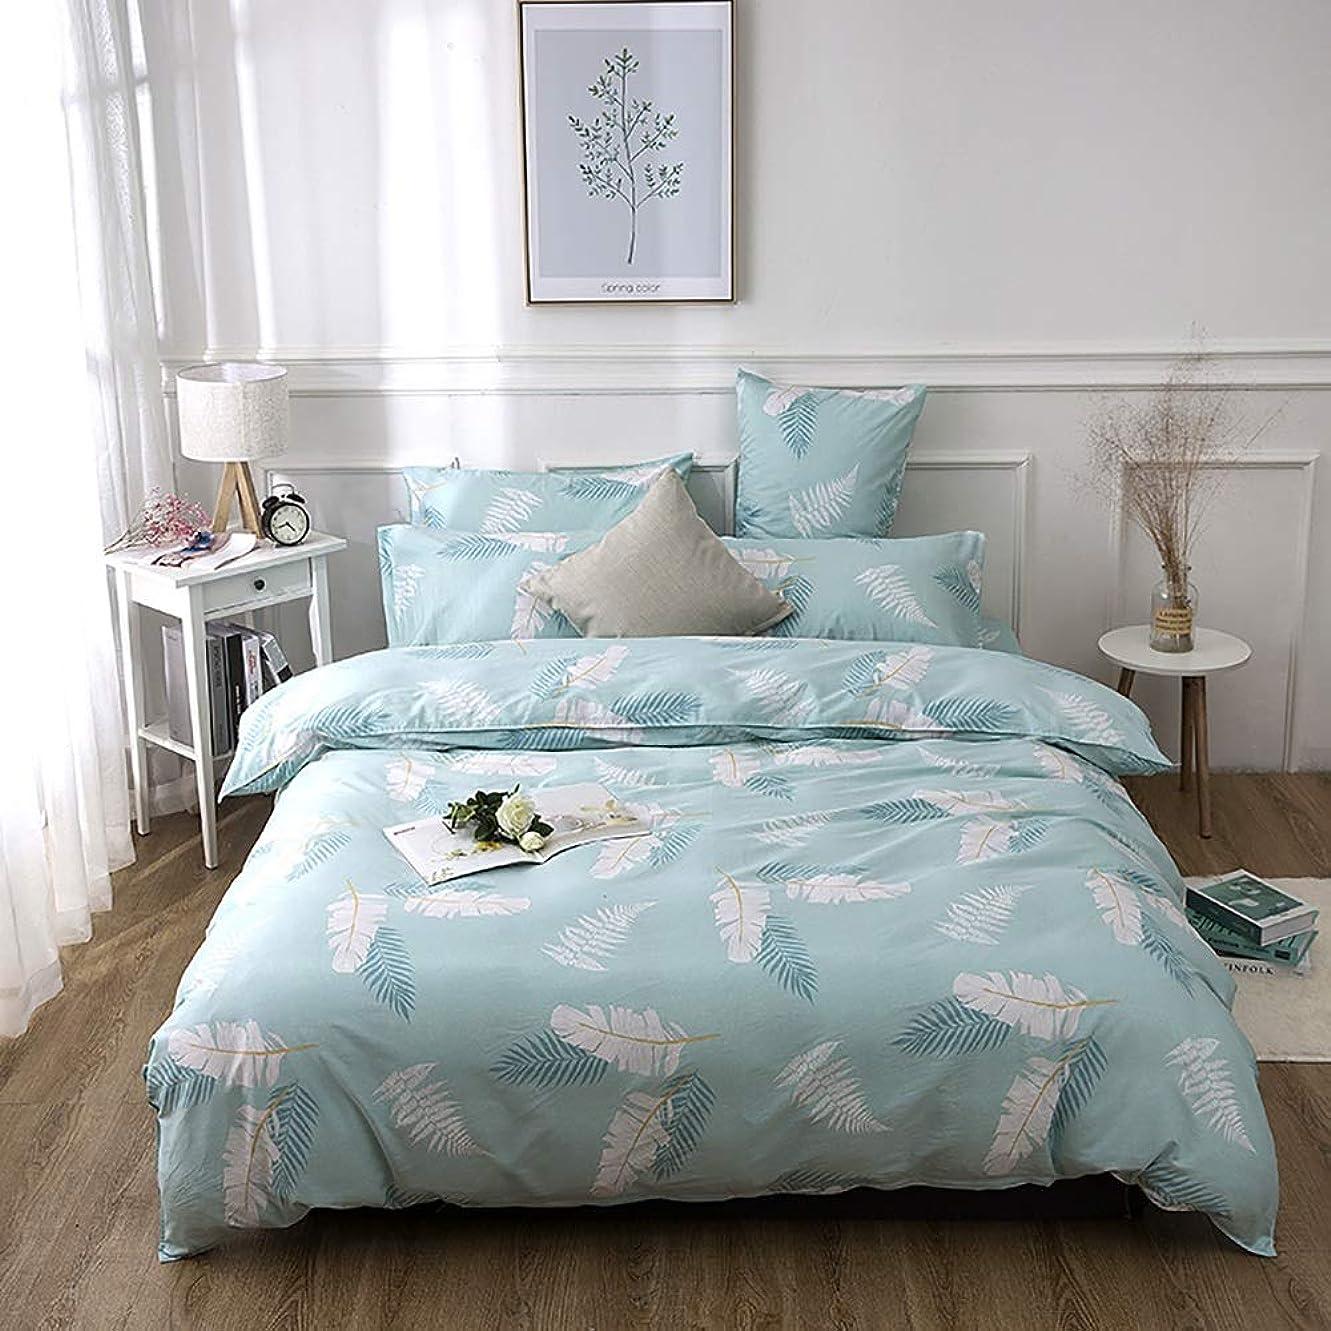 将来の味わうシュートベッドルーム寝具シンプルなアクティブ染色と染色キット4組の枕カバー* 2 /ベッドシーツ/掛け布団カバー水色羽葉綿 快適 (Size : C)